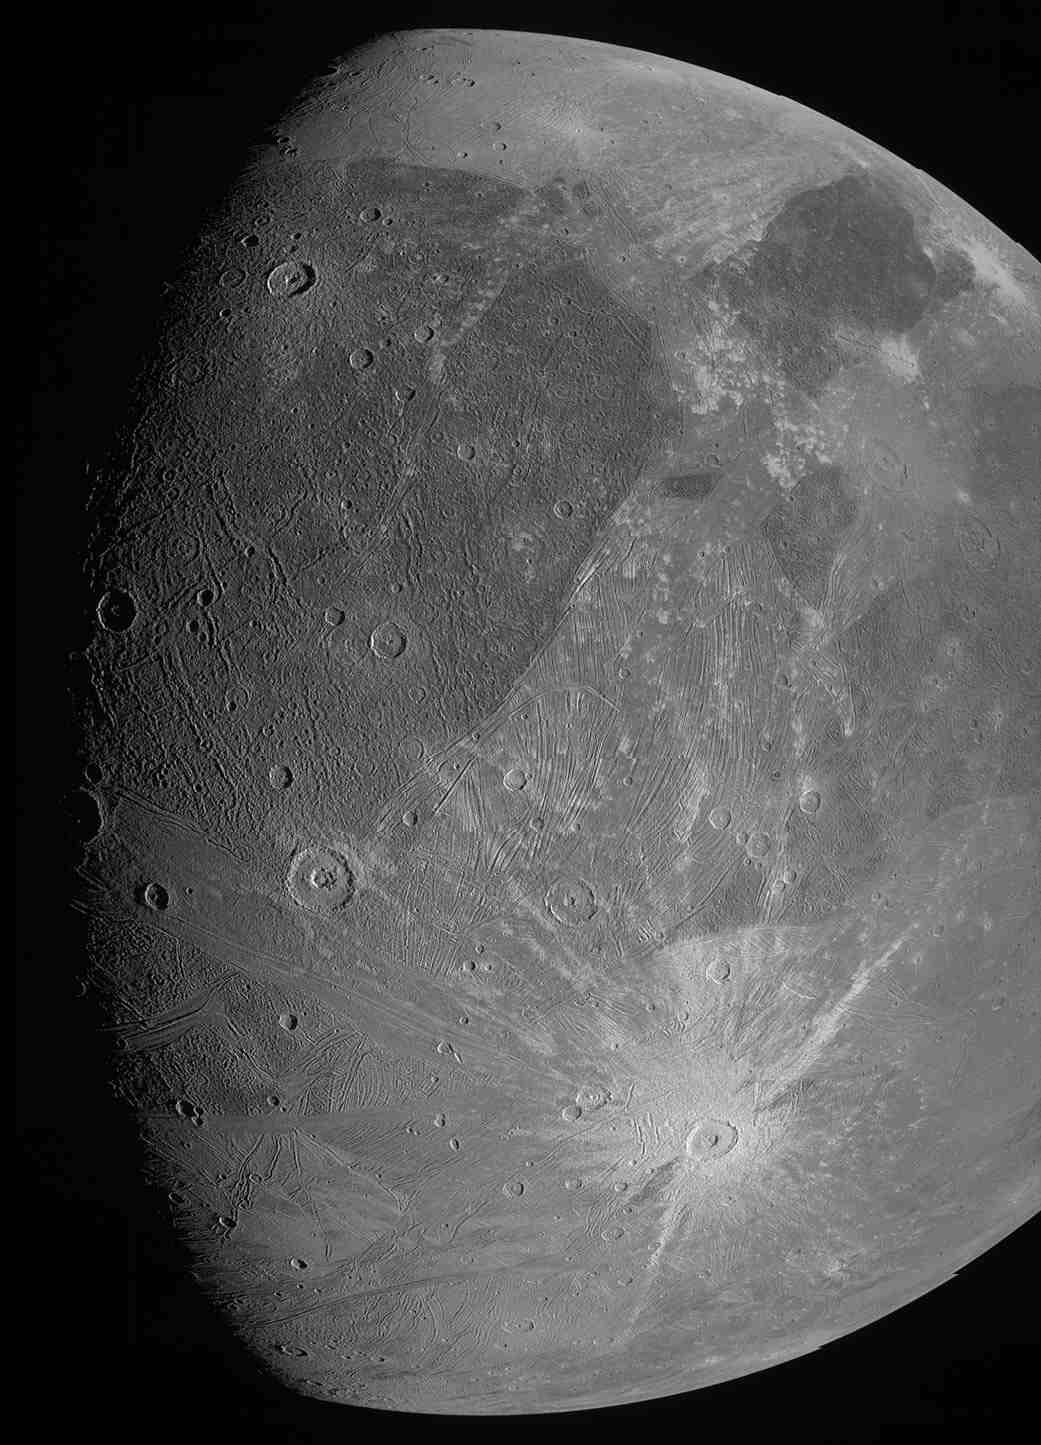 Cette image de la lune jovienne Ganymède a été obtenue par l'imageur JunoCam à bord du vaisseau spatial Juno de la NASA lors de son survol de la lune glacée le 7 juin 2021.  Crédit image : NASA